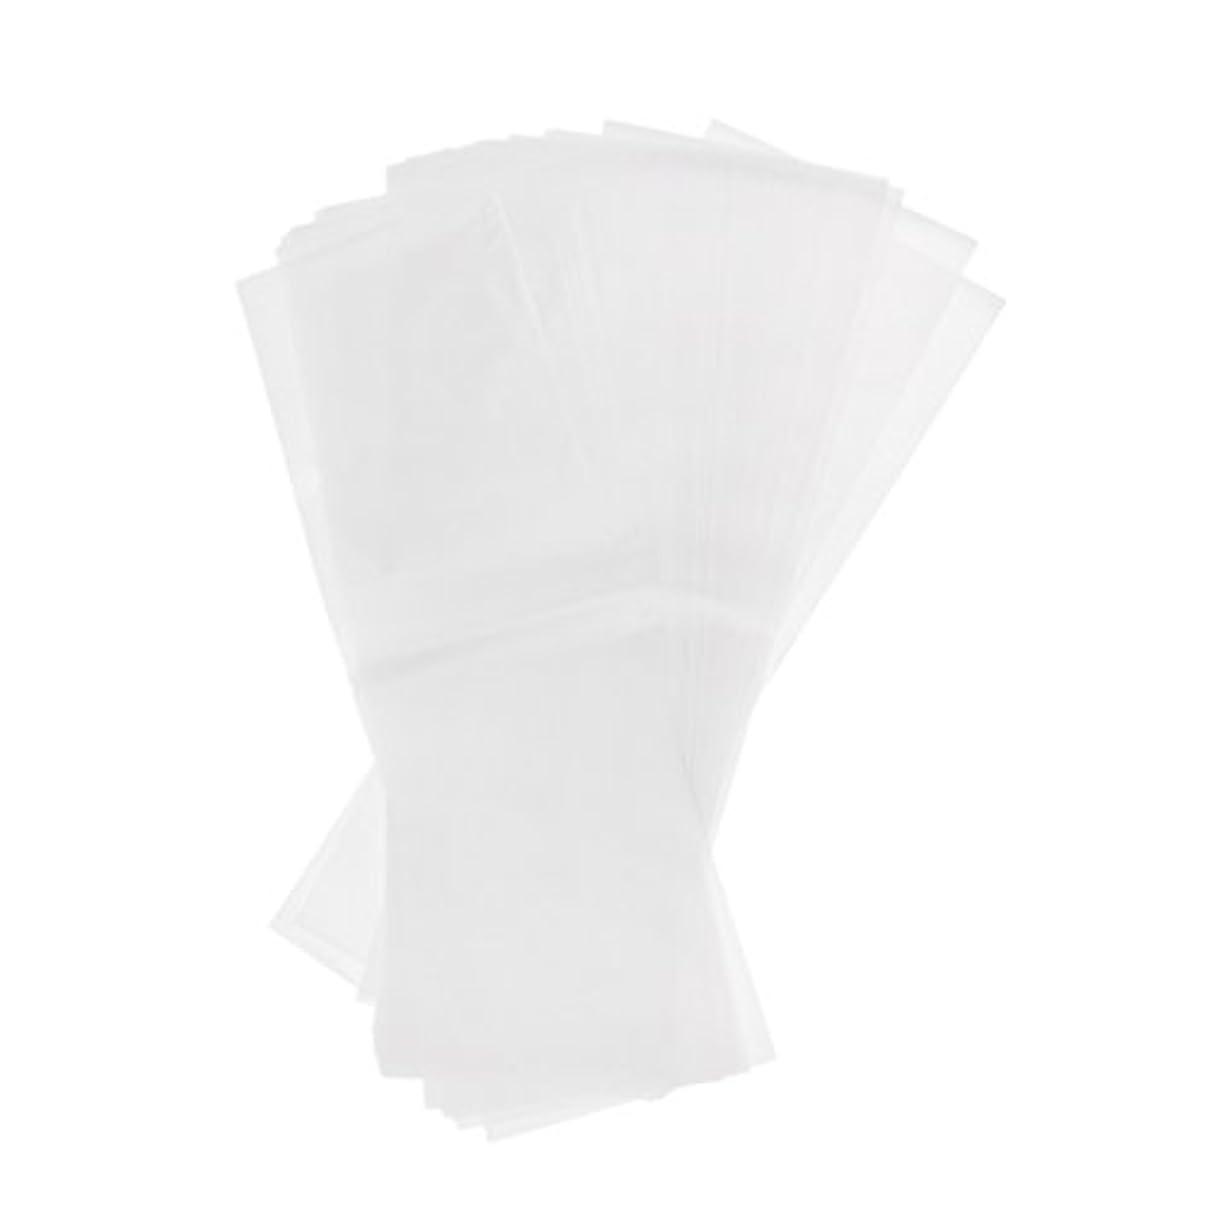 ペンダント持続的立場SM SunniMix ヘアカラー 毛染め 分版用紙 ハイライトシート 毛染め紙 再利用可能な 透明 2仕様選べ - ホワイト